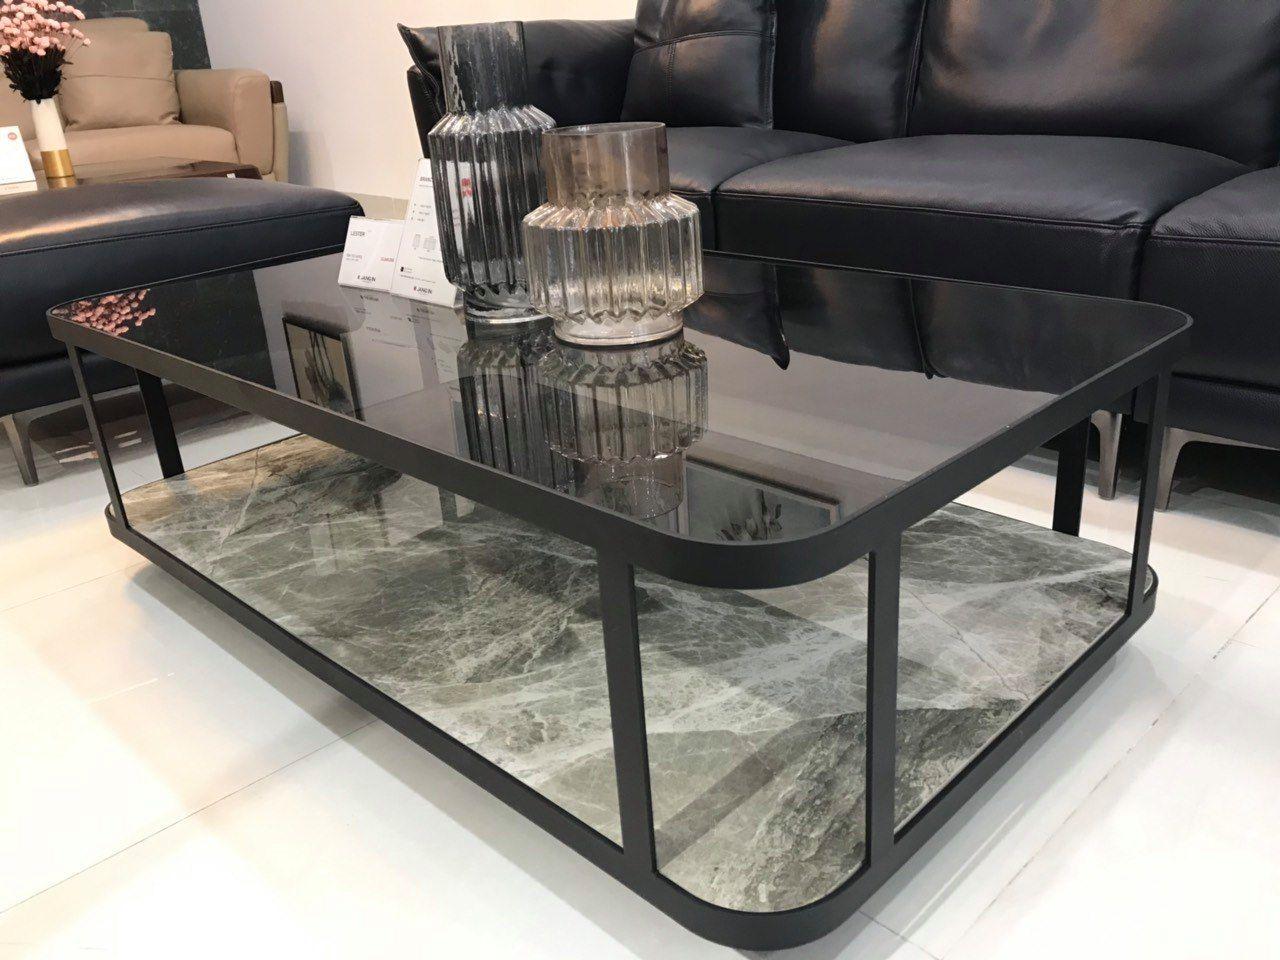 Thiết kế bàn trà phòng khách kính cường lực theo phong cách hiện đại